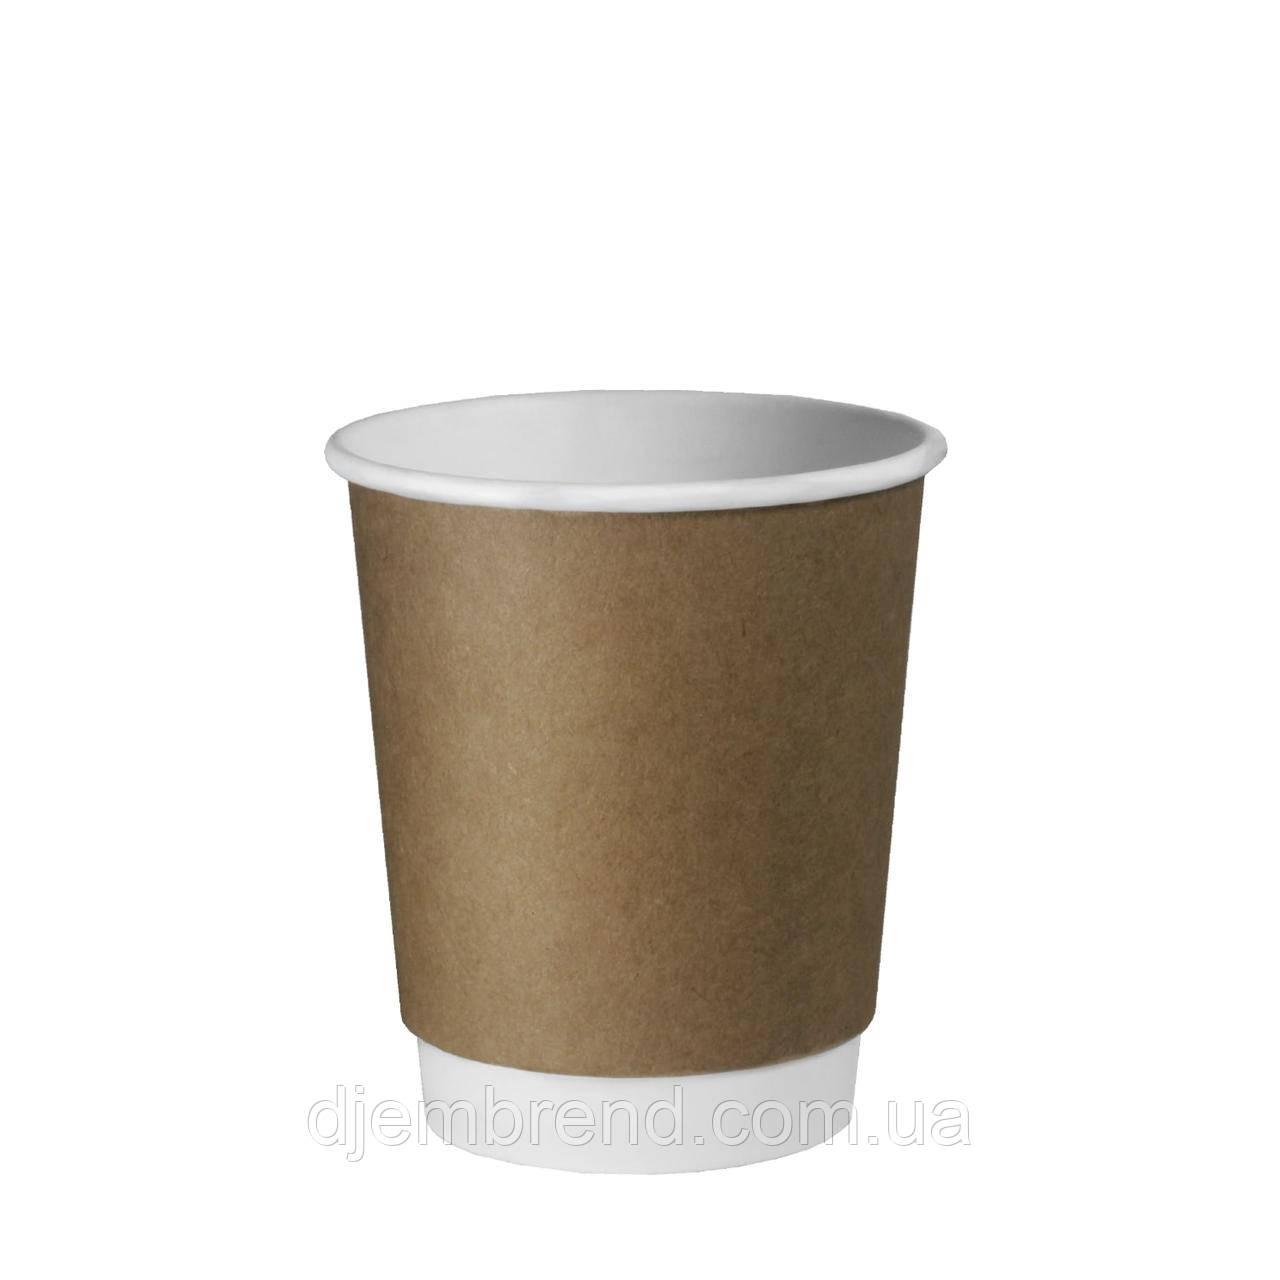 Стакан бумажный двухслойный Крафт 250мл. 15шт/уп (КВ77)